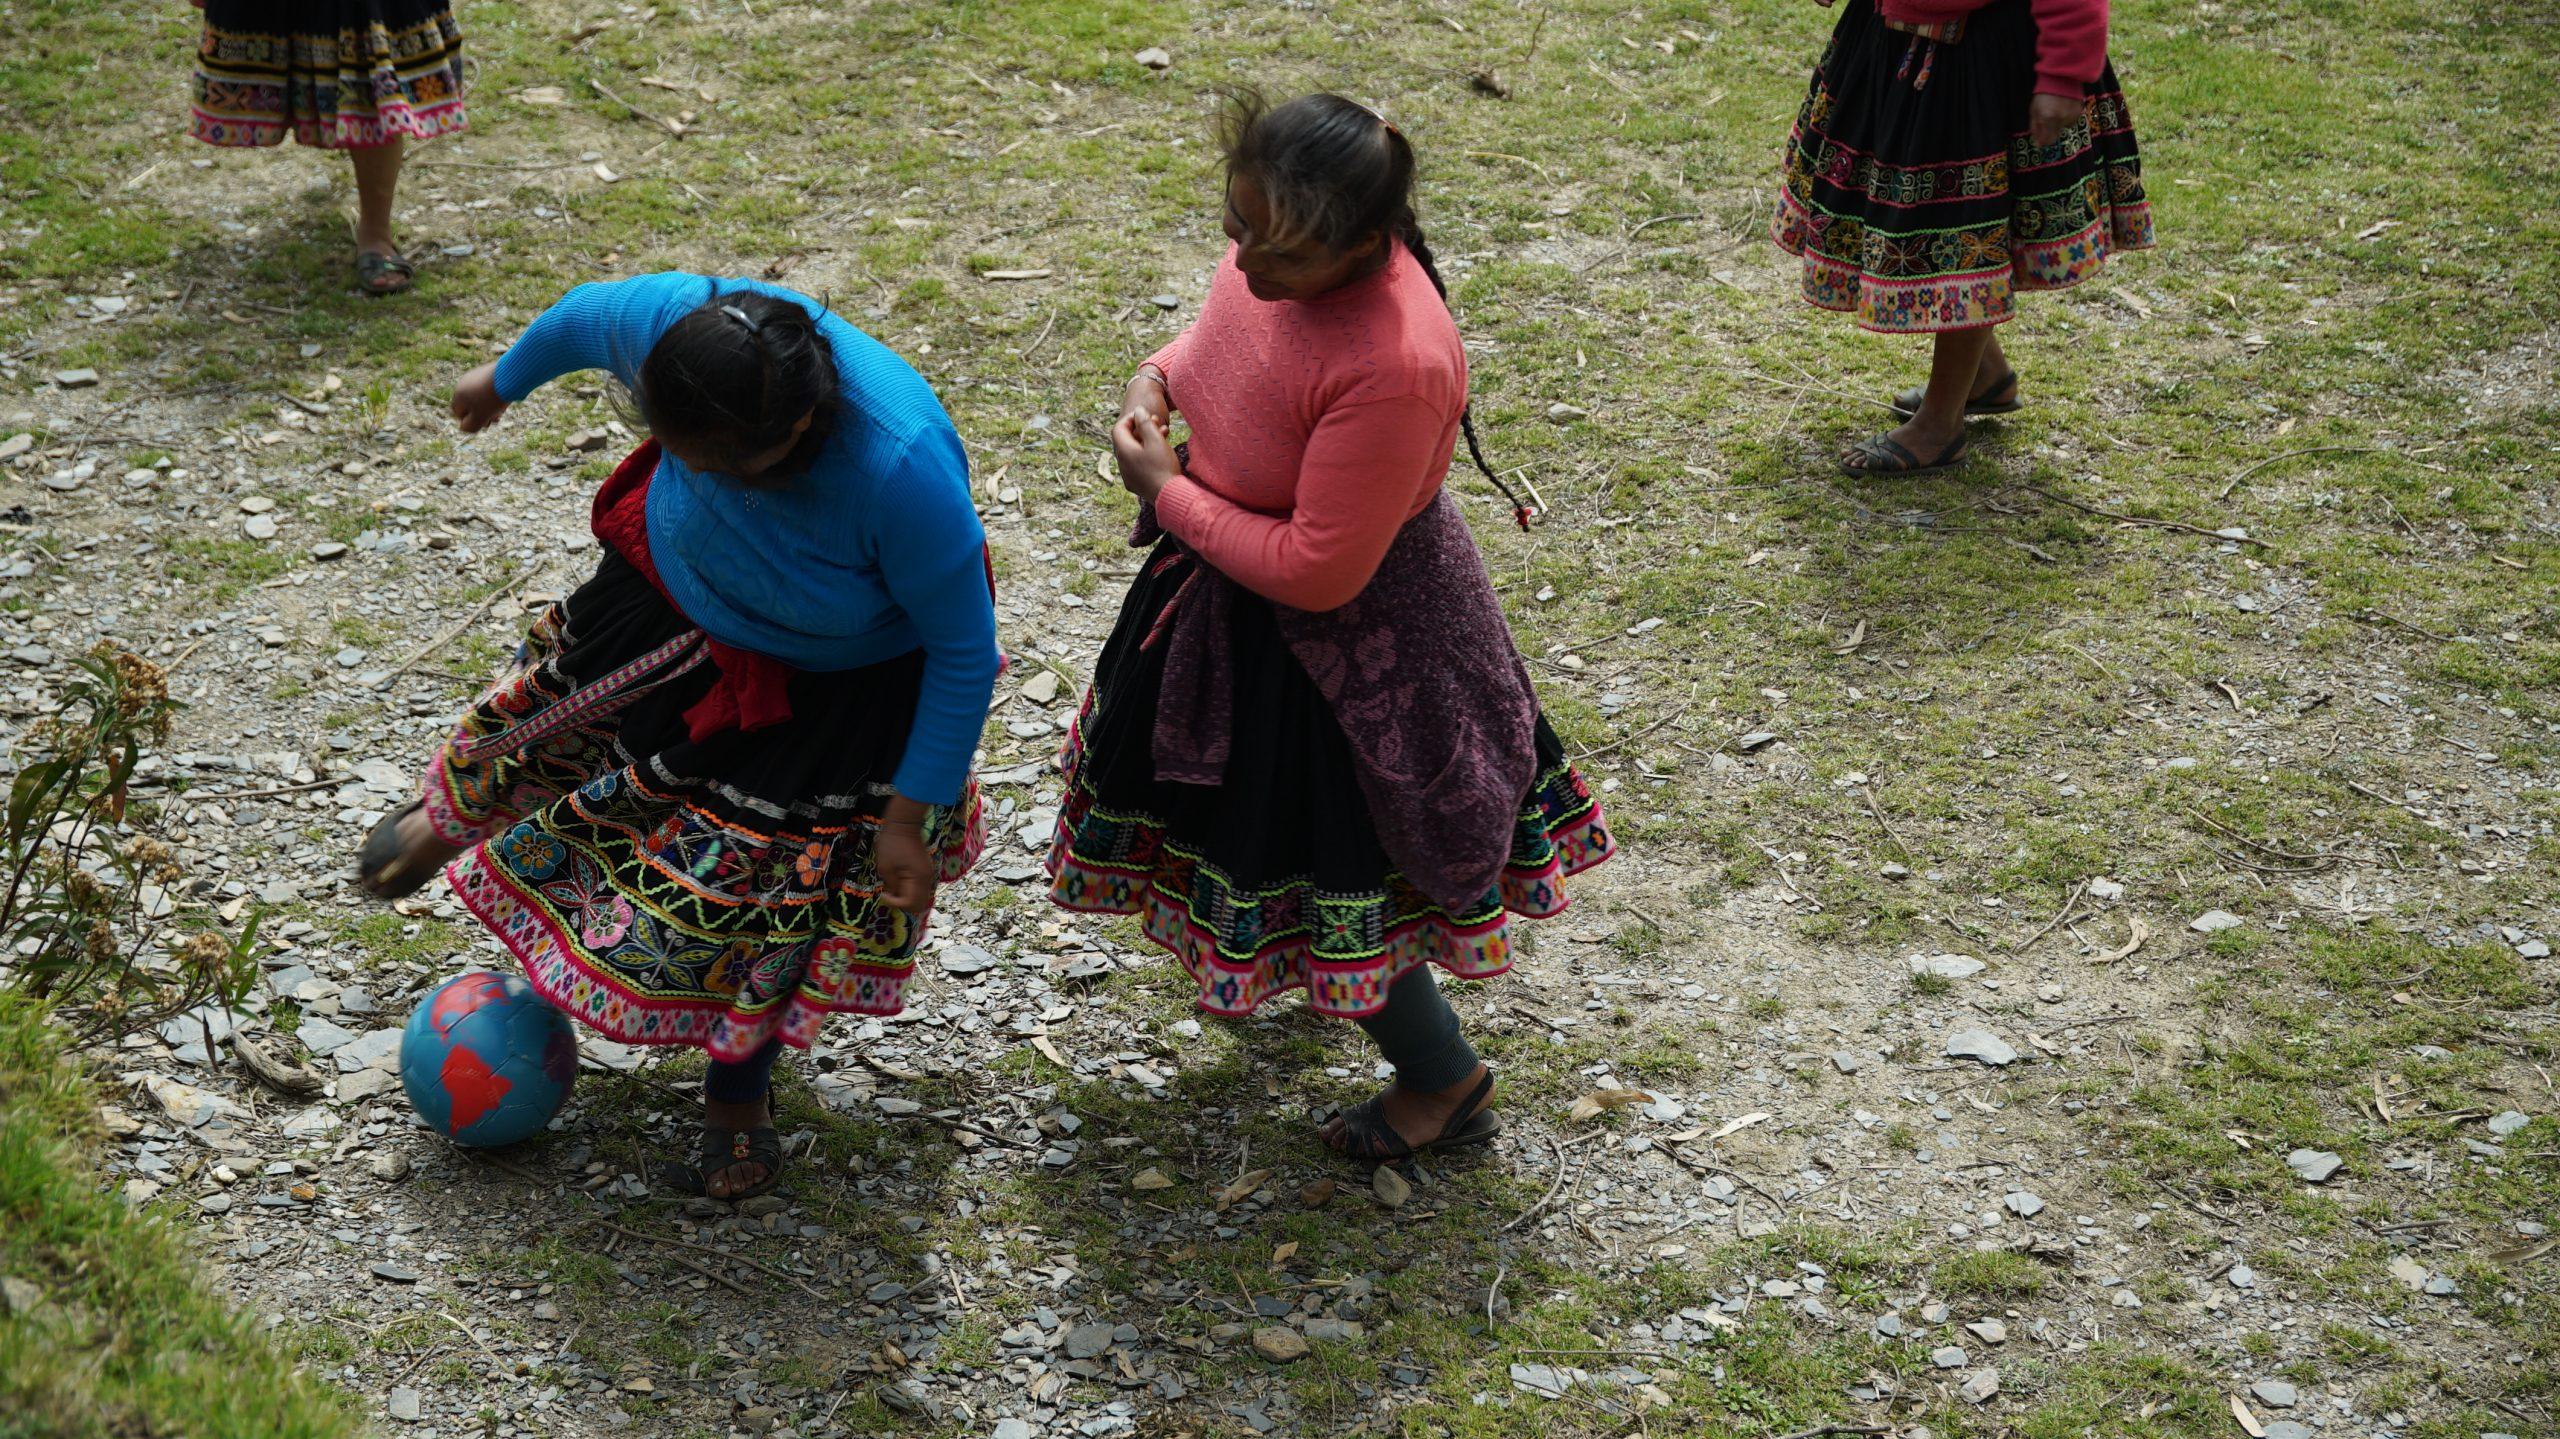 Churubamba au Pérou - little miss soccer Rencontre en terre inconnue avec Melina Boetie et Candice Prevost